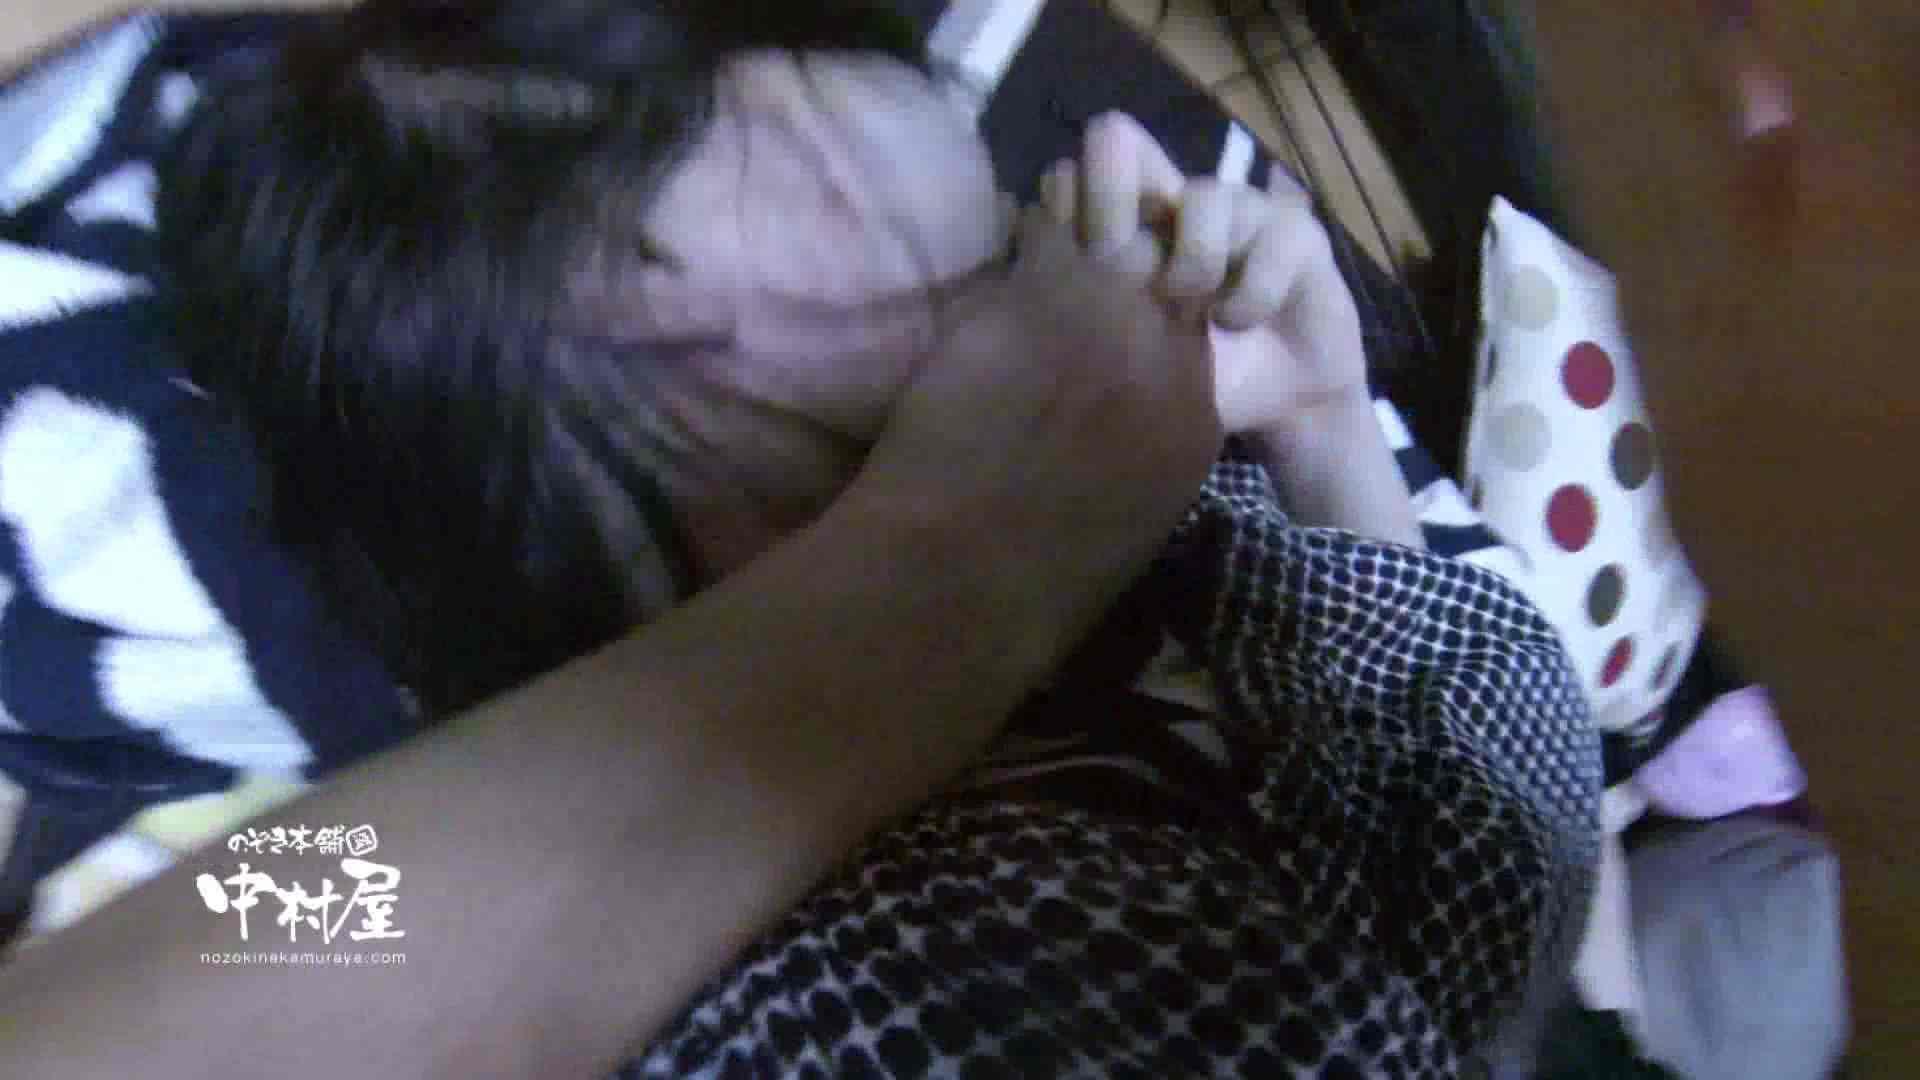 鬼畜 vol.09 無慈悲!中出し爆乳! 後編 爆乳 おめこ無修正動画無料 105PIX 66